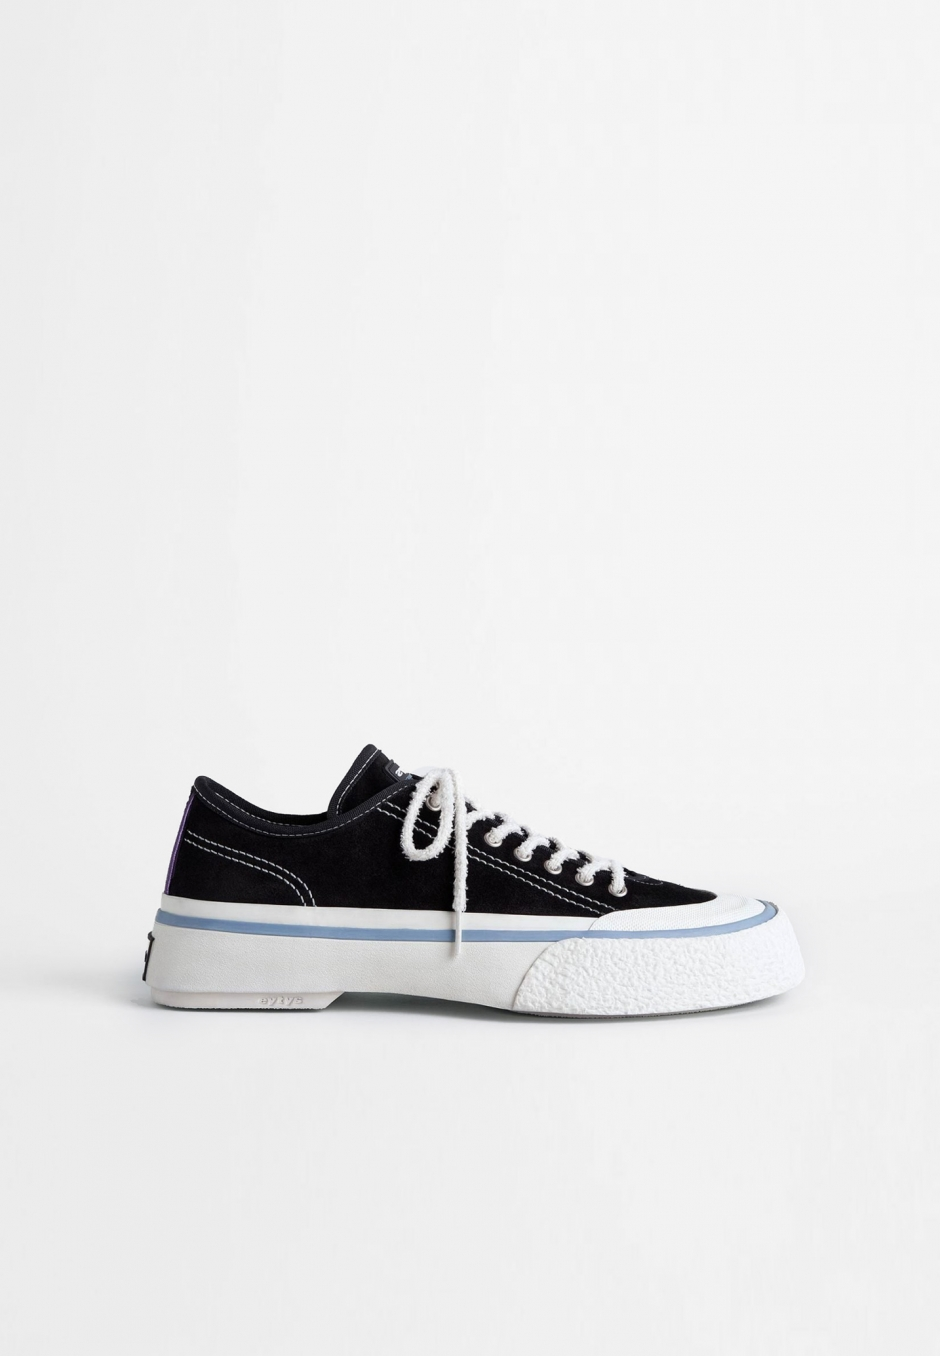 Eytys Laguna Sneakers Black Suede